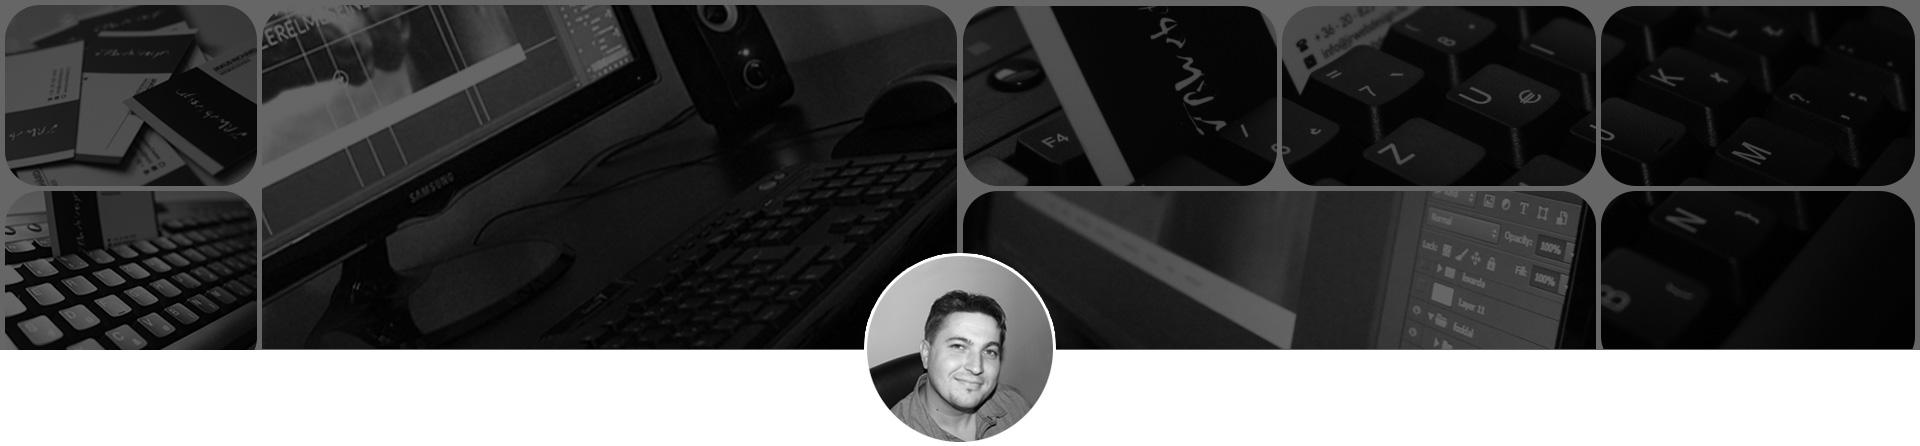 Webdesigner oldal fejléc